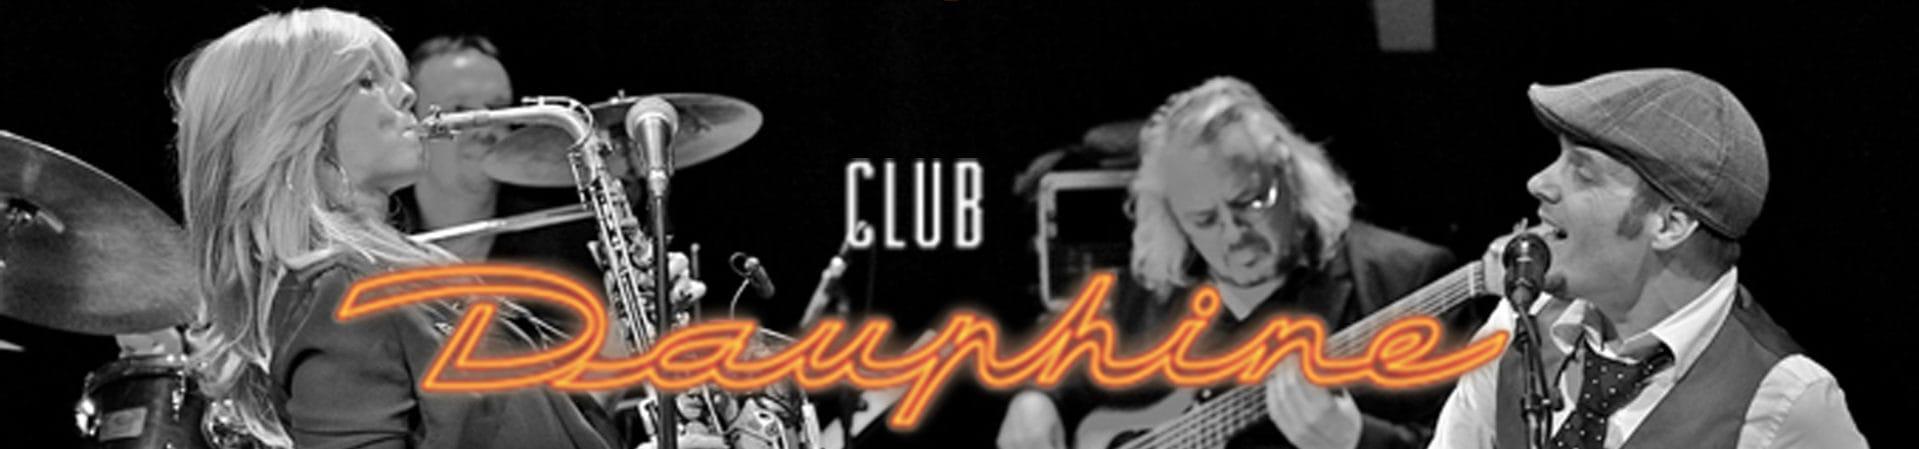 Club Dauphine 1920x450